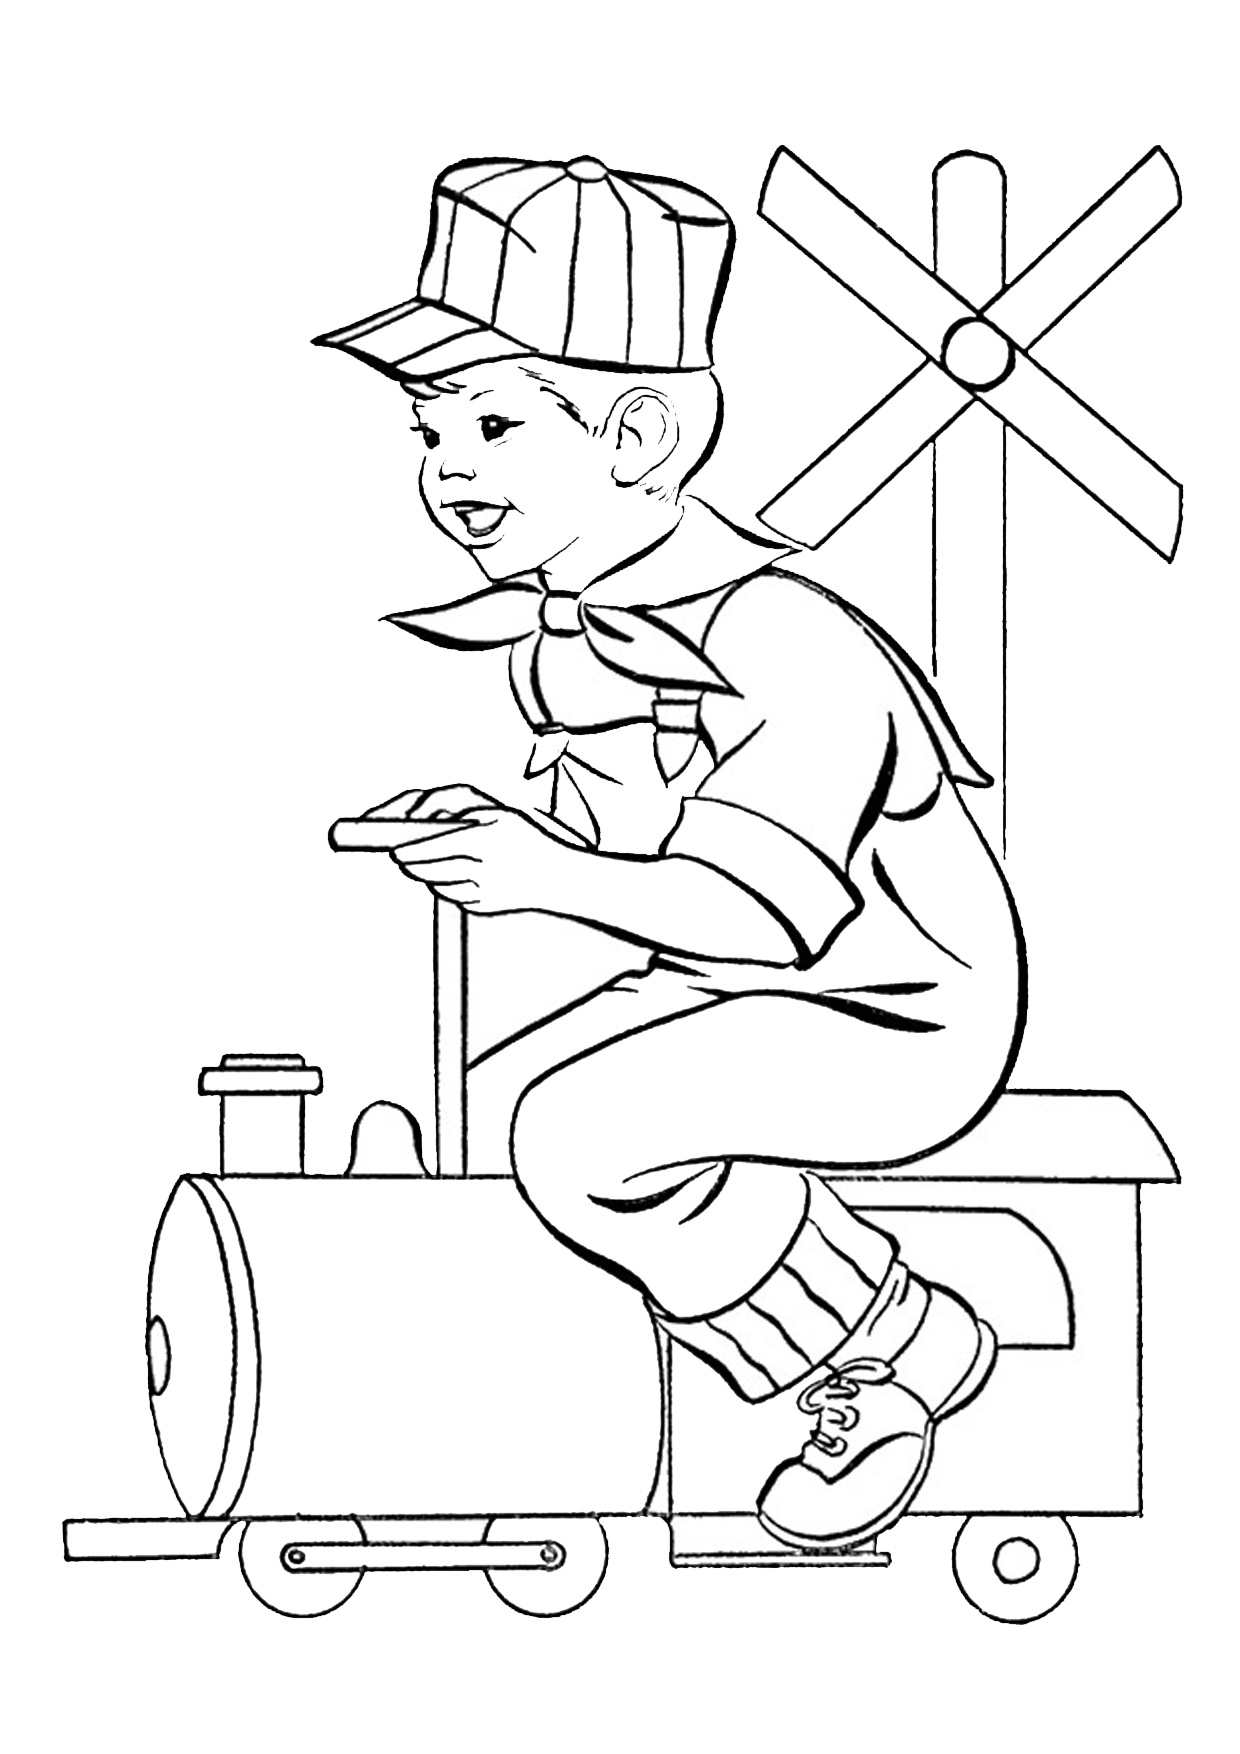 Disegno di treno cartoon da colorare 13